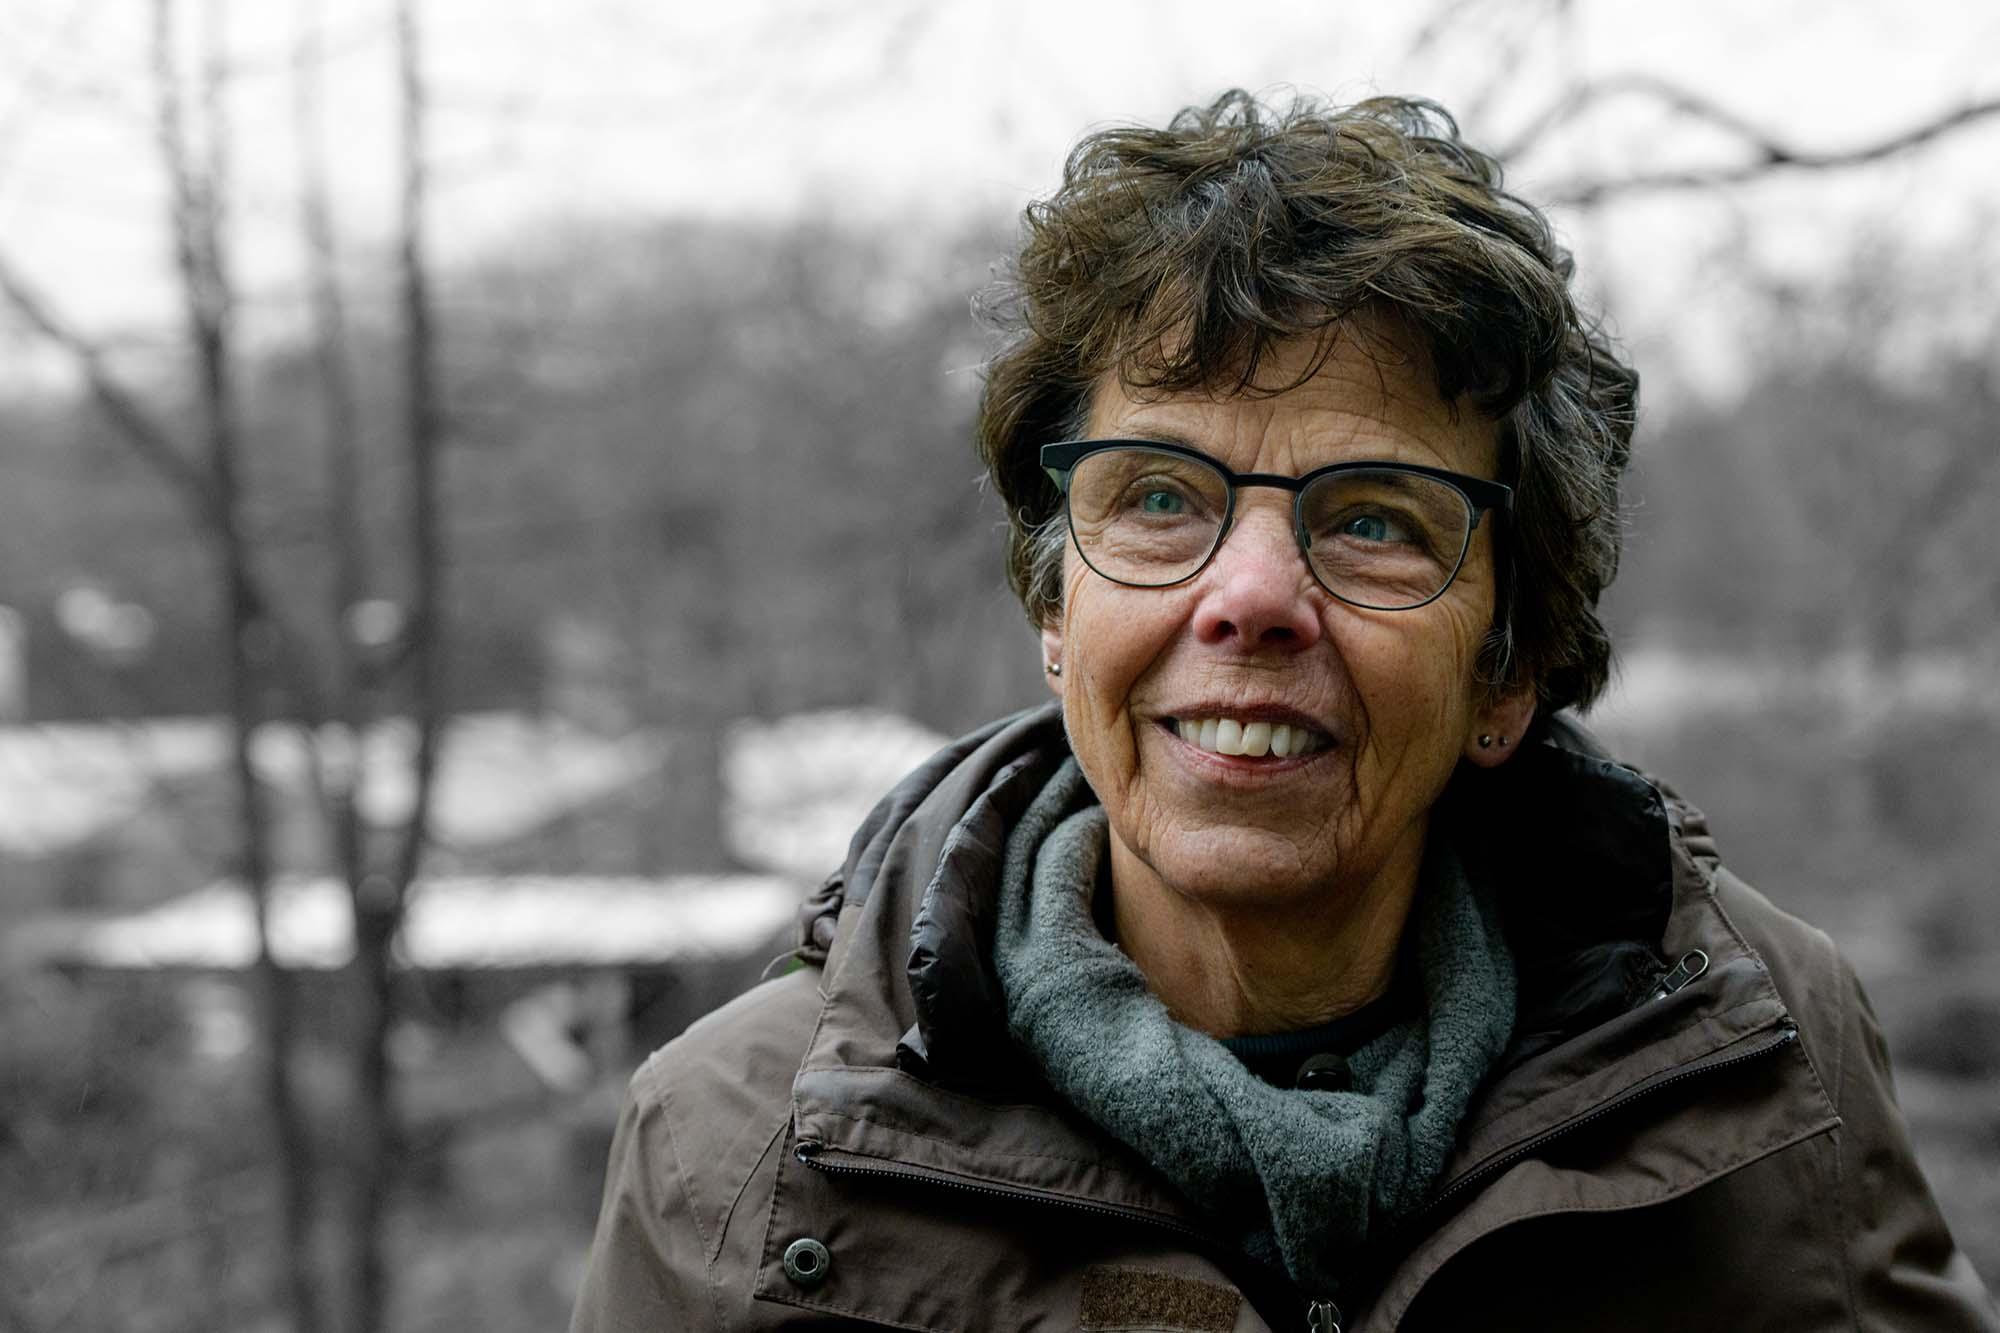 Anja Gramberg begeleidster van de psychiatrische inrichting de Willem Arntsz Hoeve in Den Dolder.